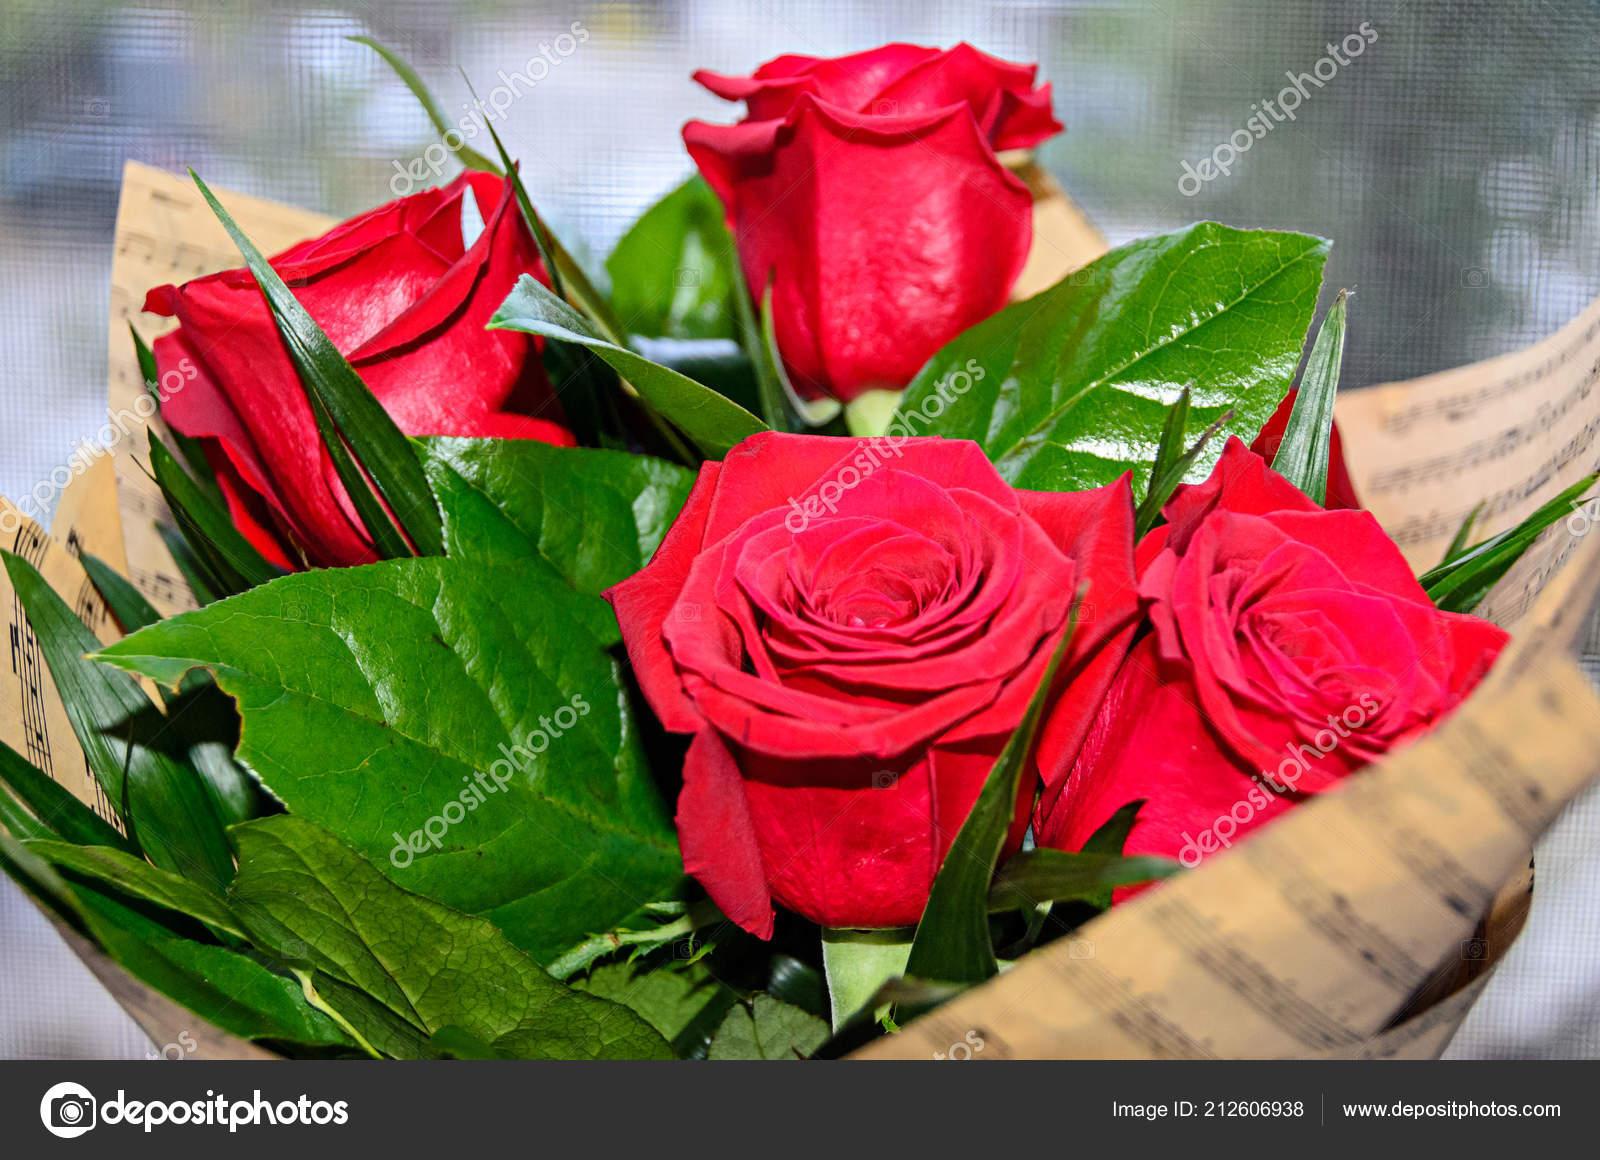 Bouquet Rouge Roses Fleurs Bouchent Couverture Papier Green Leafs